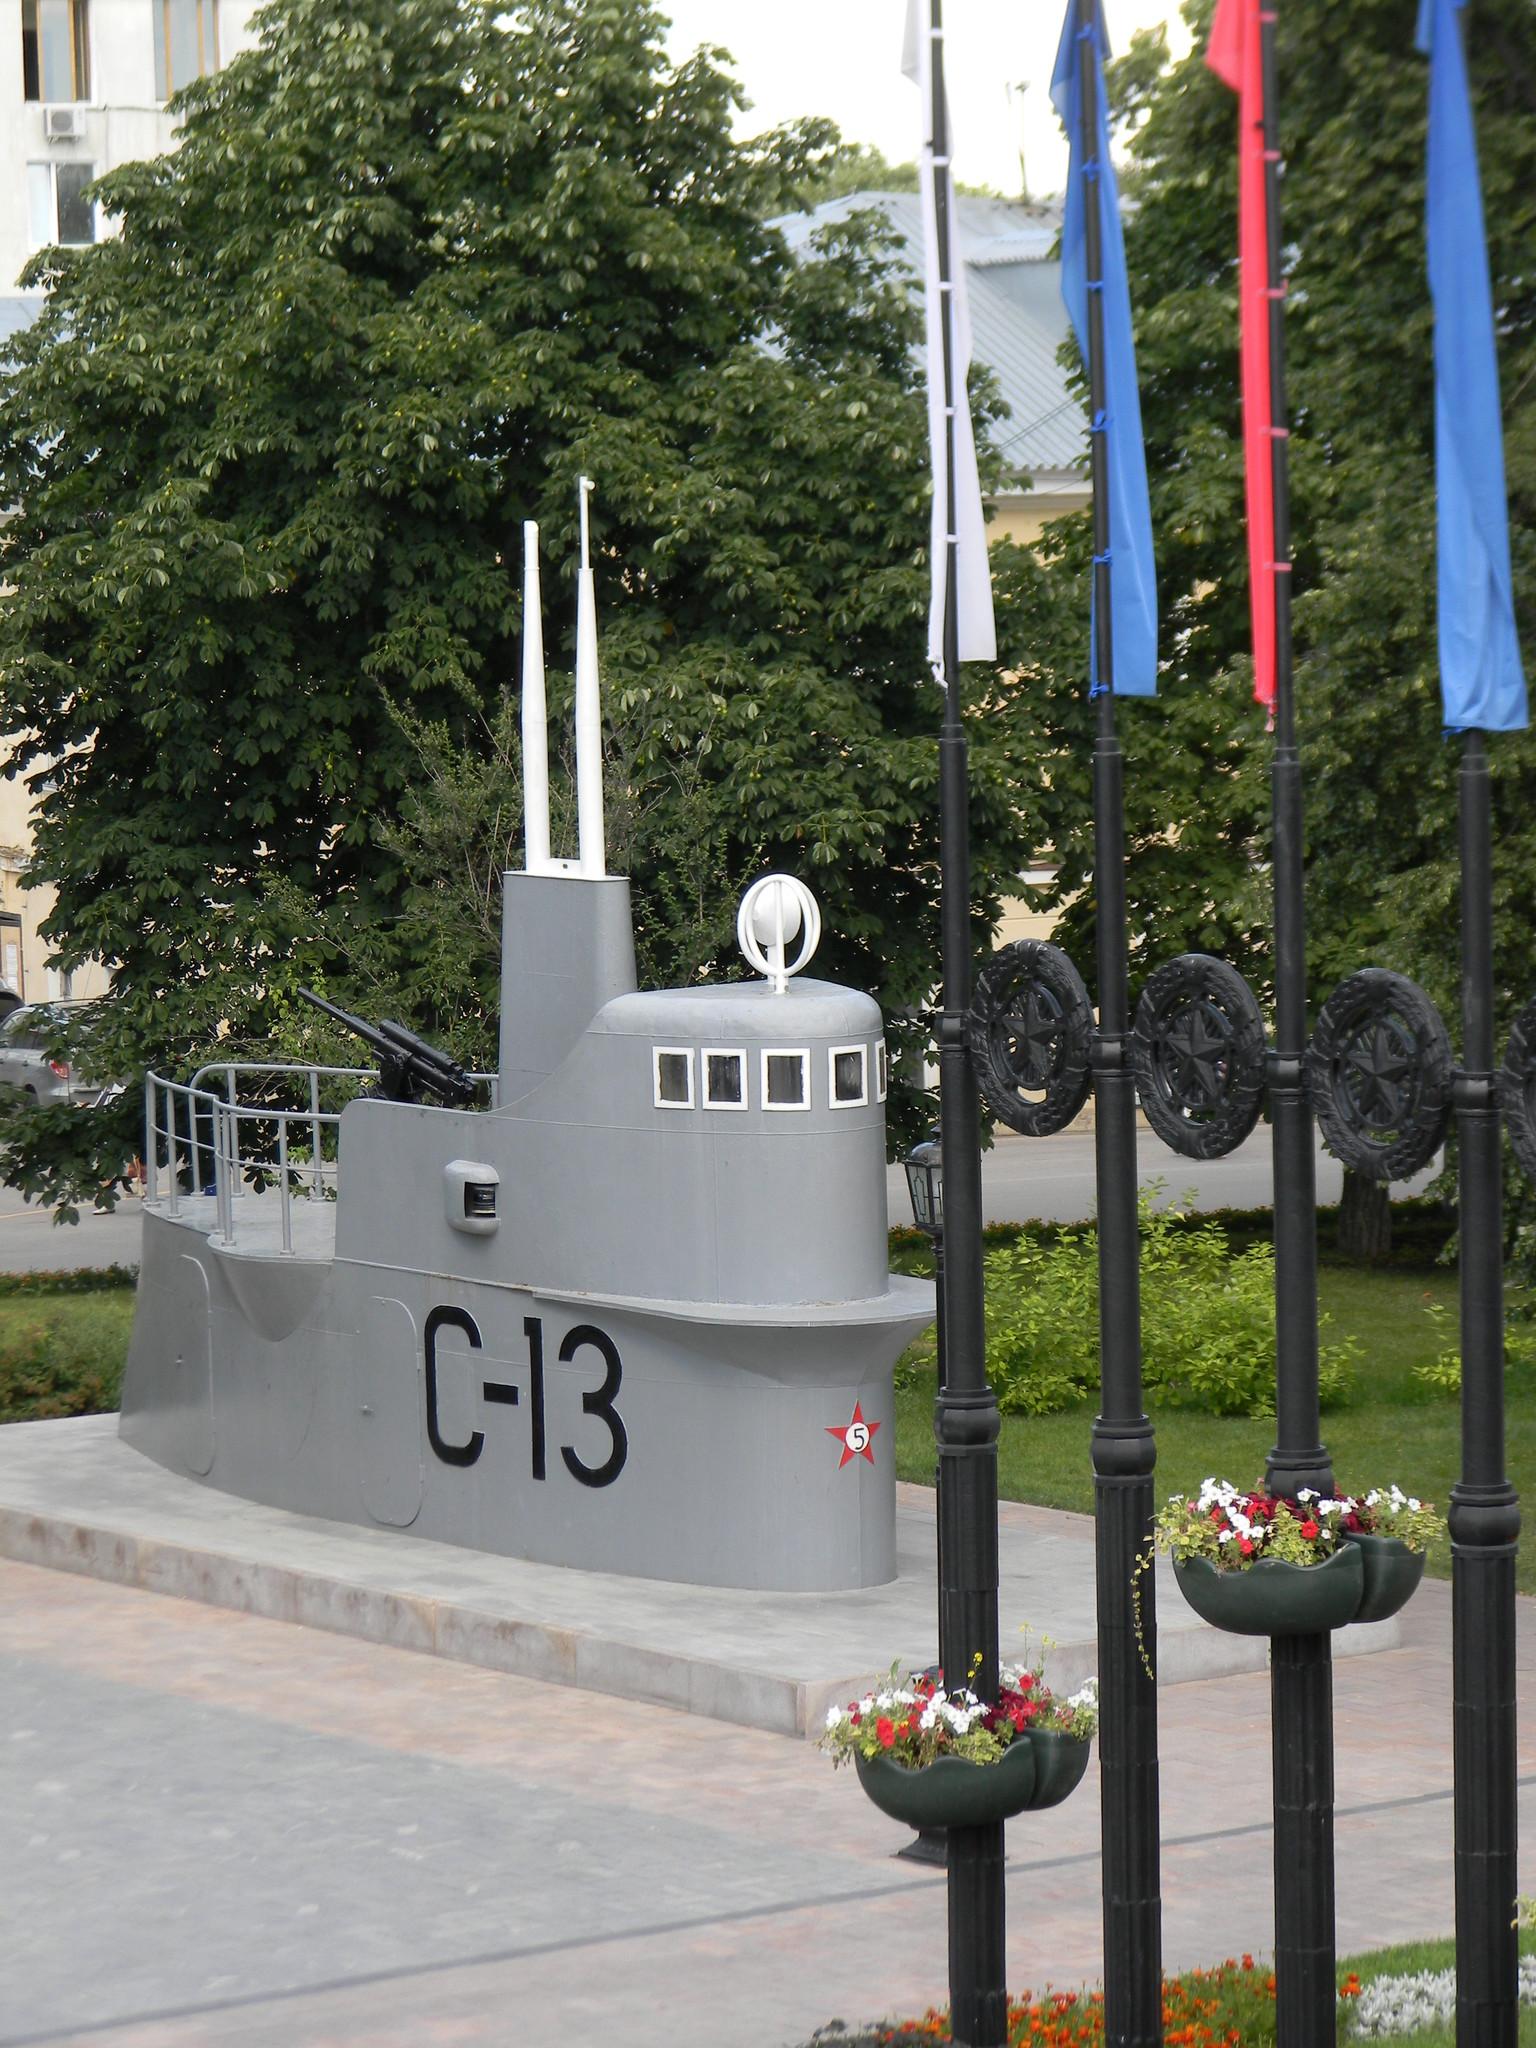 Копия рубки подводной лодки С 13, установленная в Нижегородском кремле в 2000 году